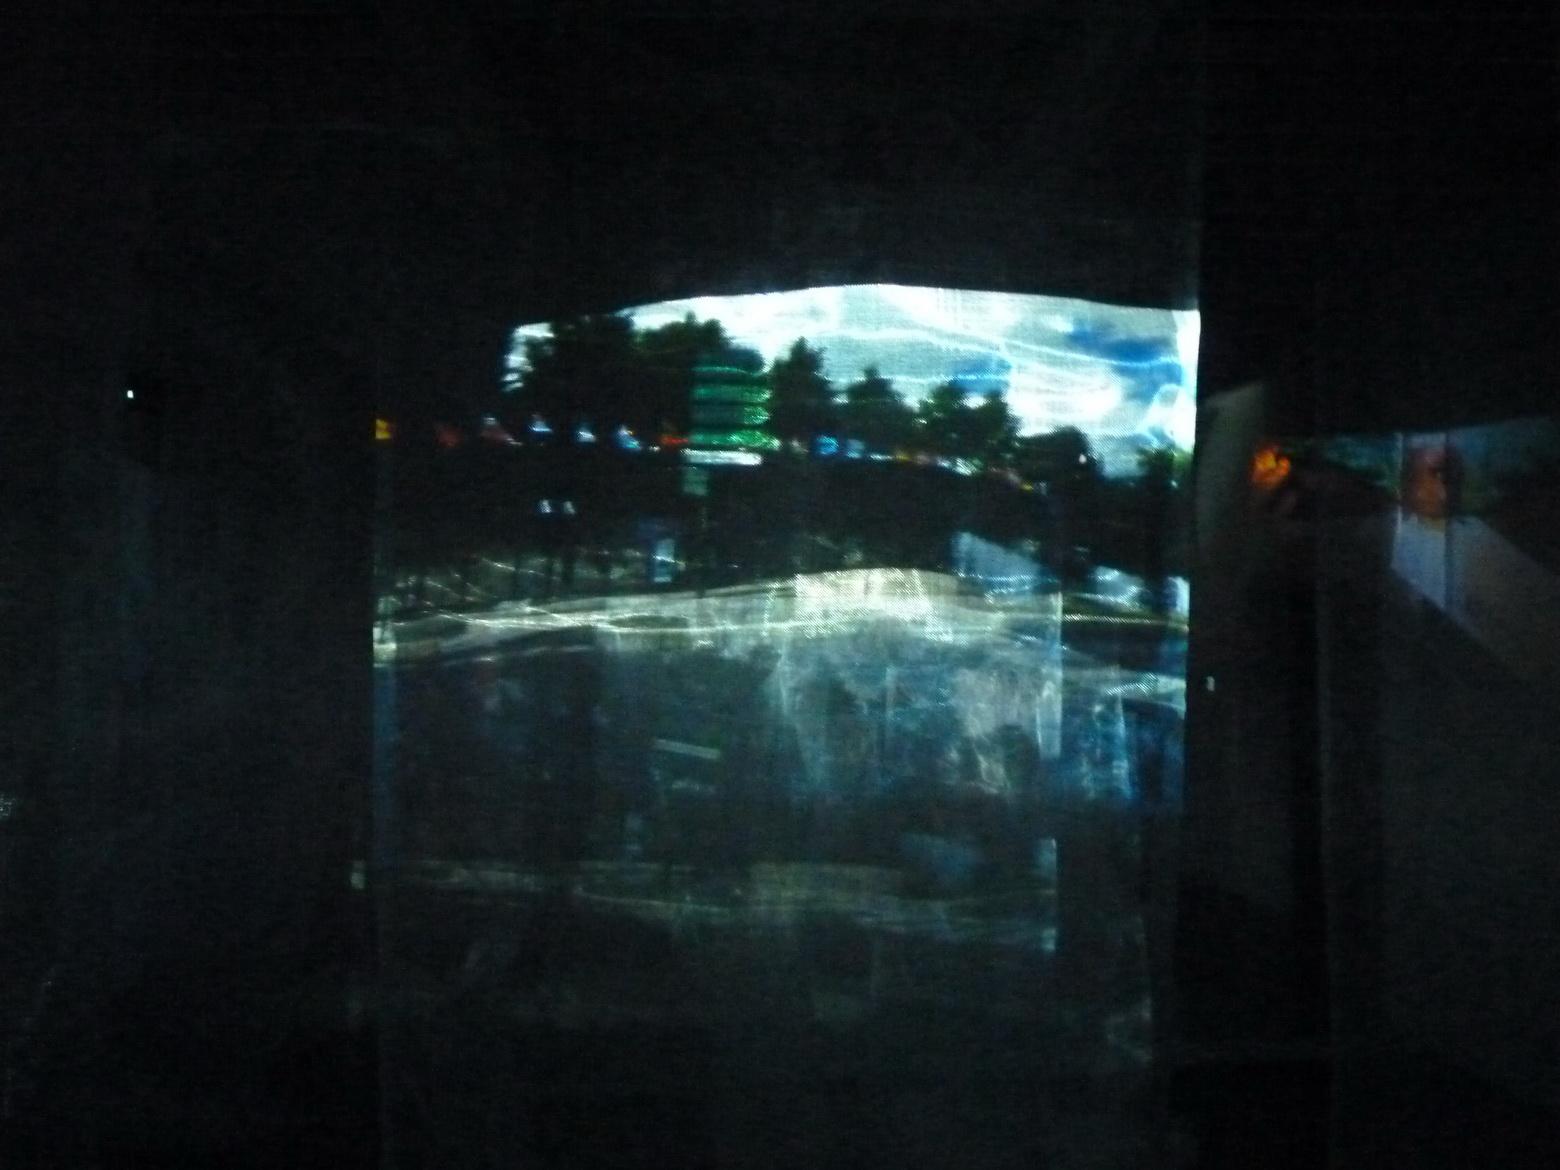 010  蕭美玲 我的記憶是哪的風景 2015 10個錄影空間裝置